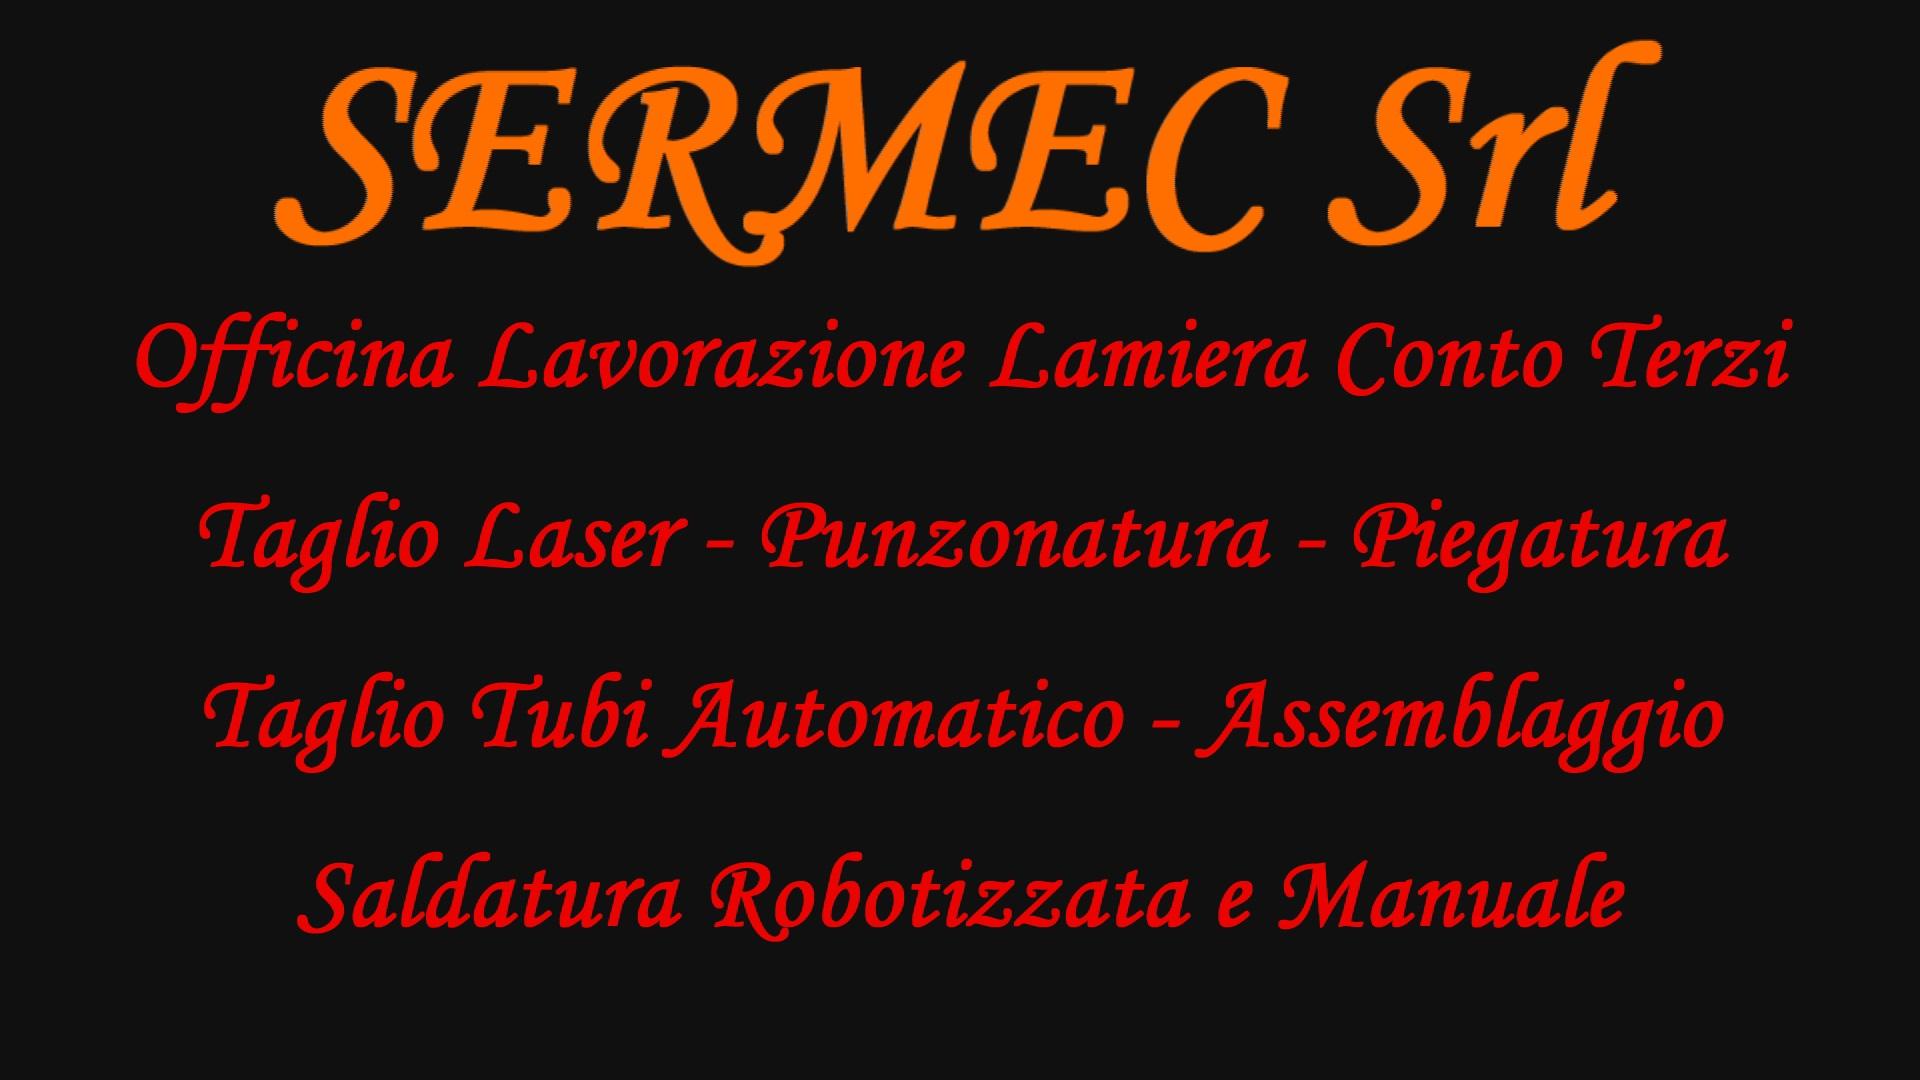 SERMEC-PER-SPONSOR-ASD-BREAK-MC